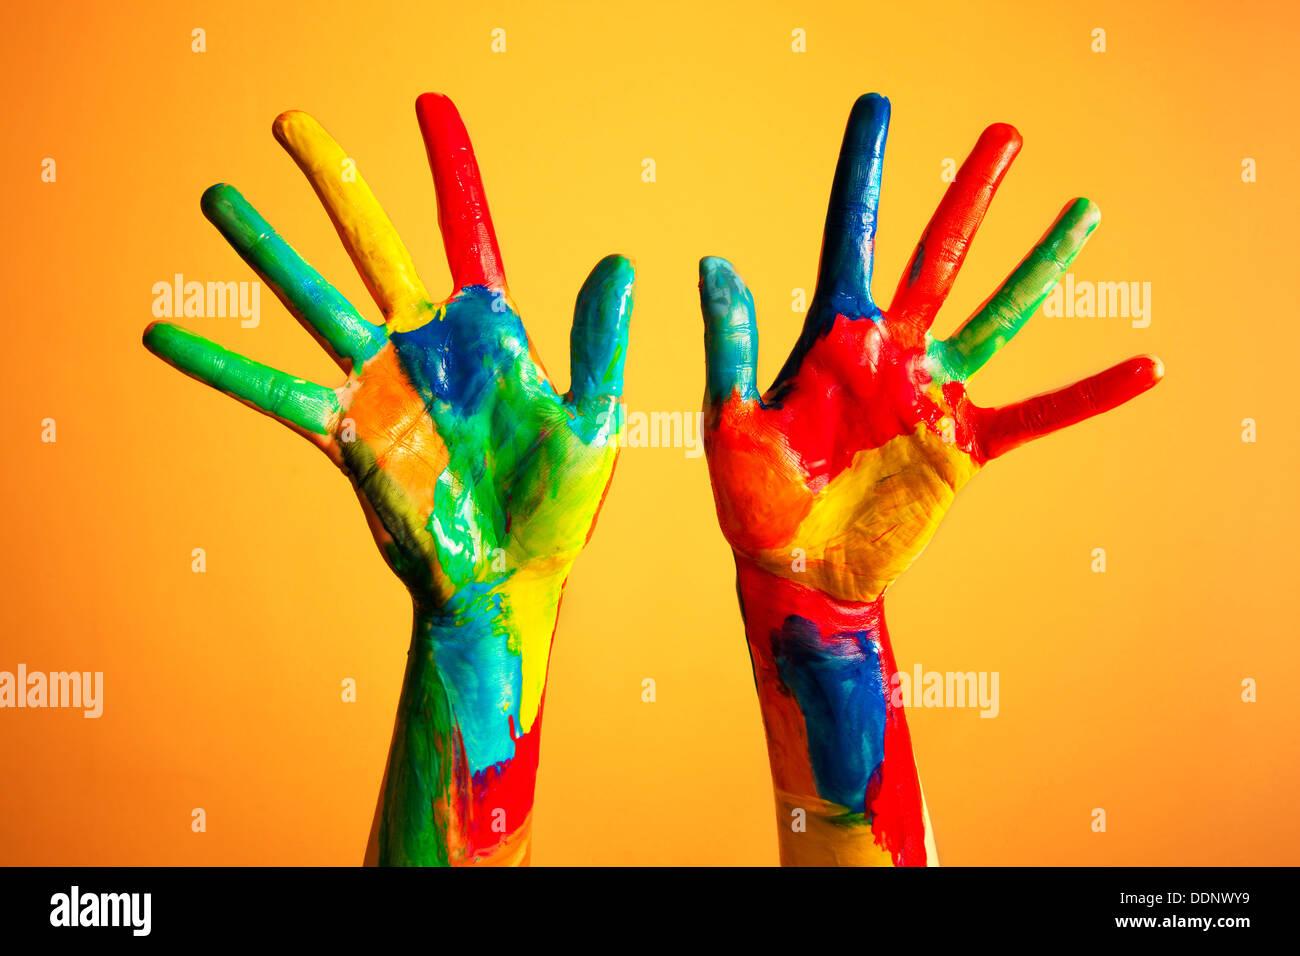 Peint coloré mains - la créativité artistique / artiste / / idées / Bonheur / concept de diversité Banque D'Images